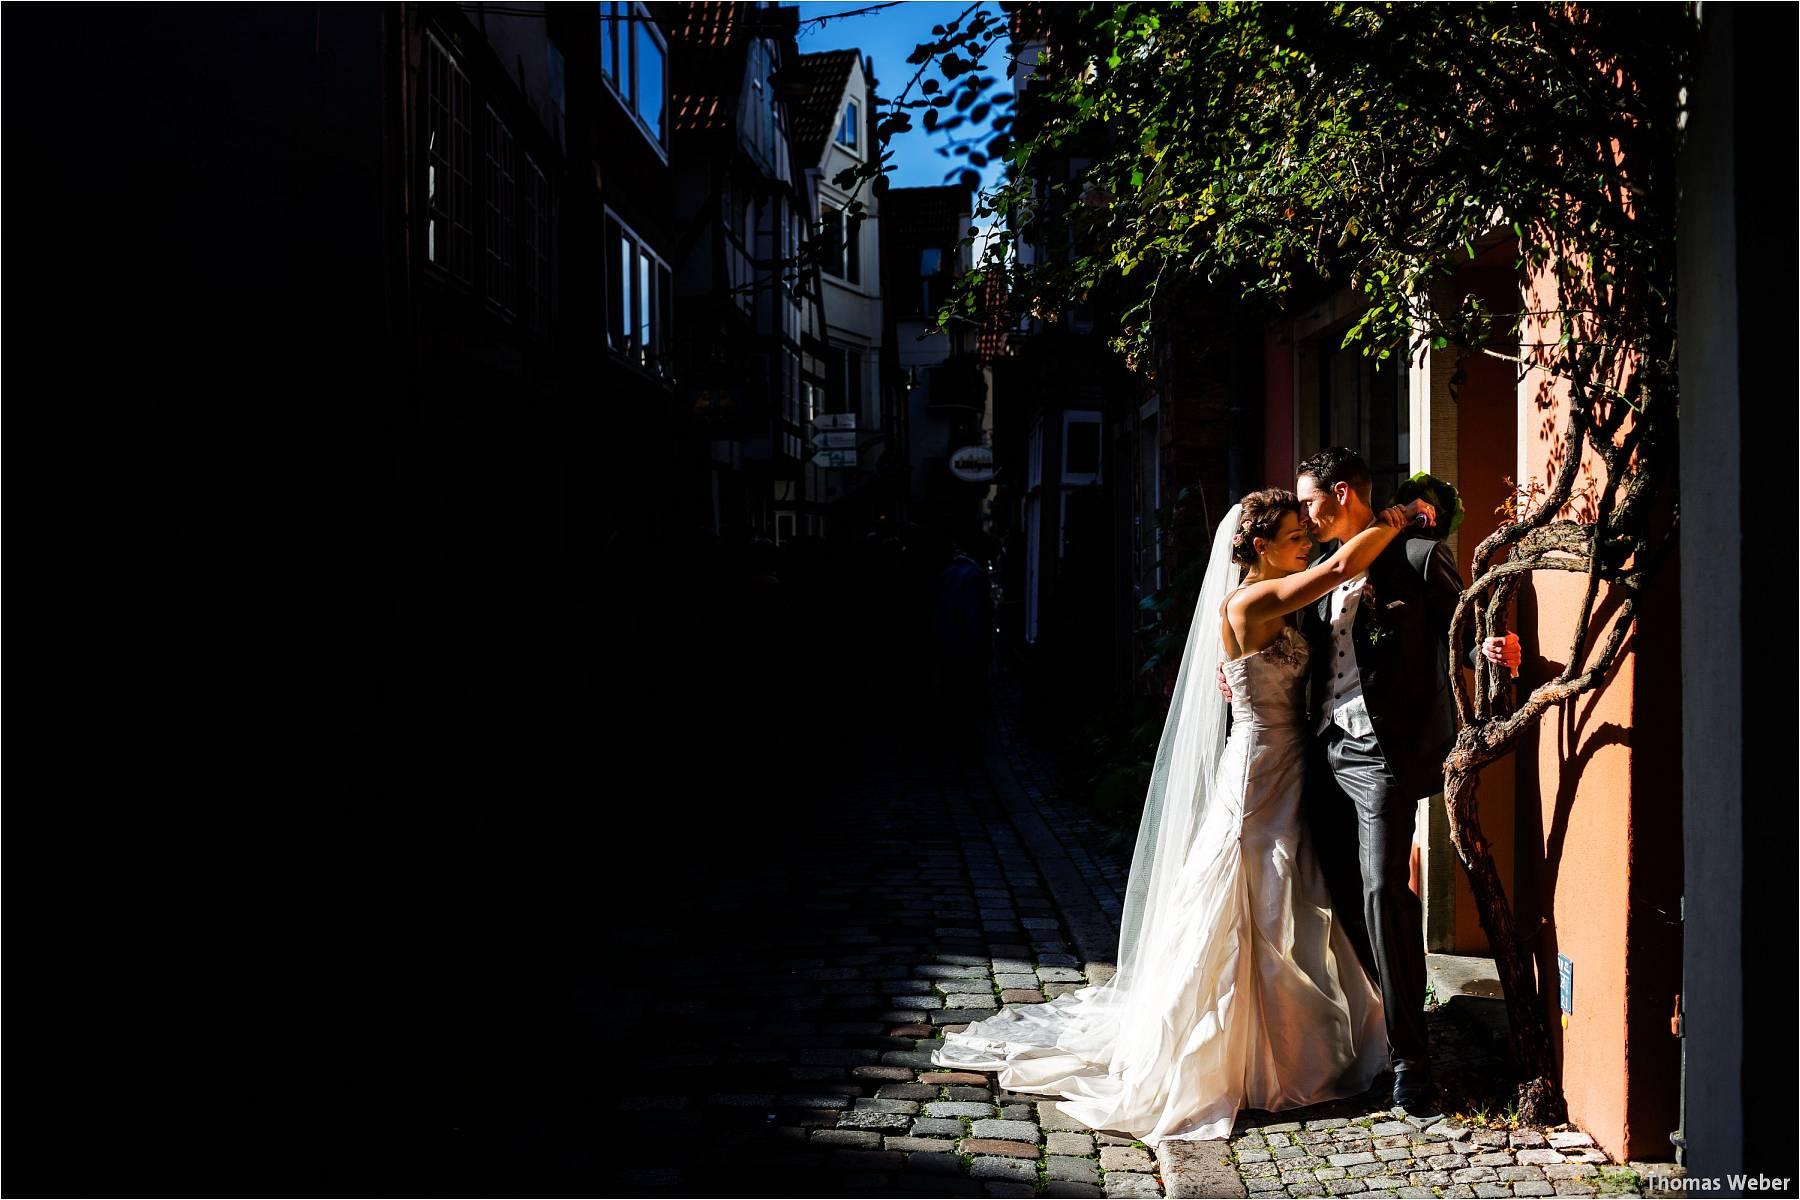 Hochzeitsfotograf Bremen: Kirchliche Trauung in der Propsteikirche St. Johann im Bremer Schnoor und Hochzeitsfeier bei Rogge Dünsen (21)